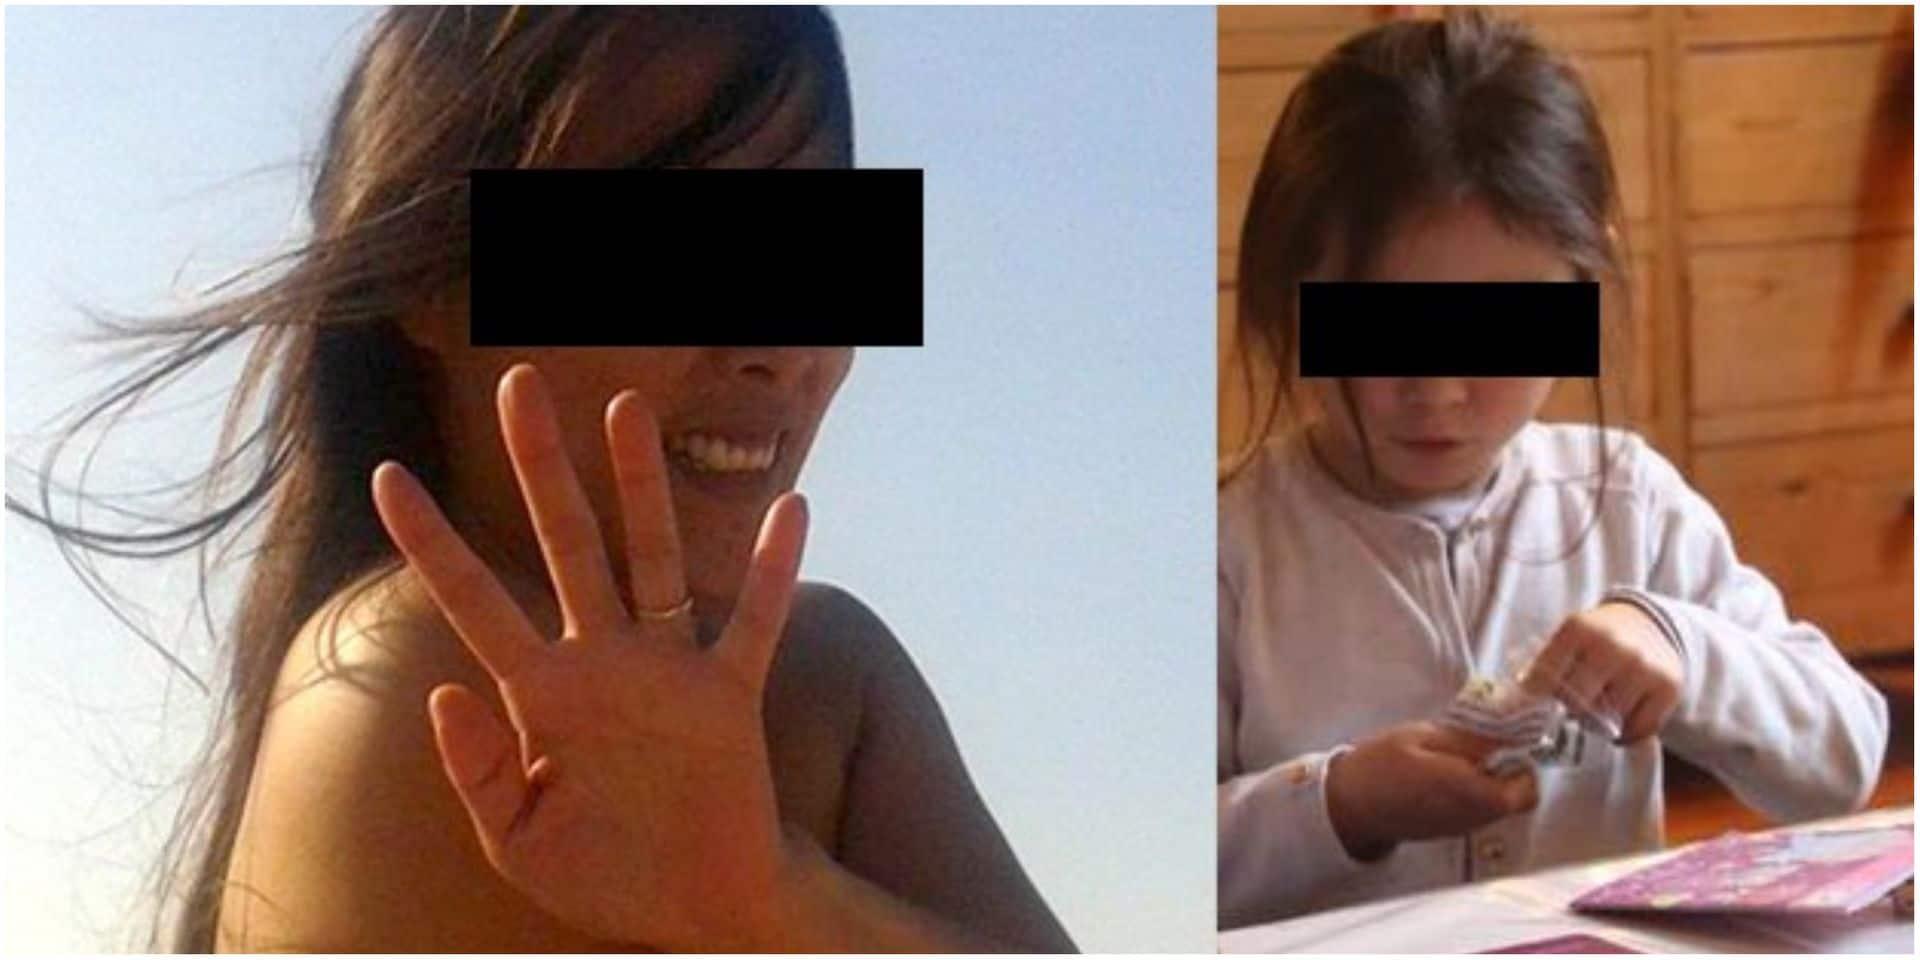 Chloé, 6 ans, étranglée: sa maman est sortie de prison et placée sous bracelet